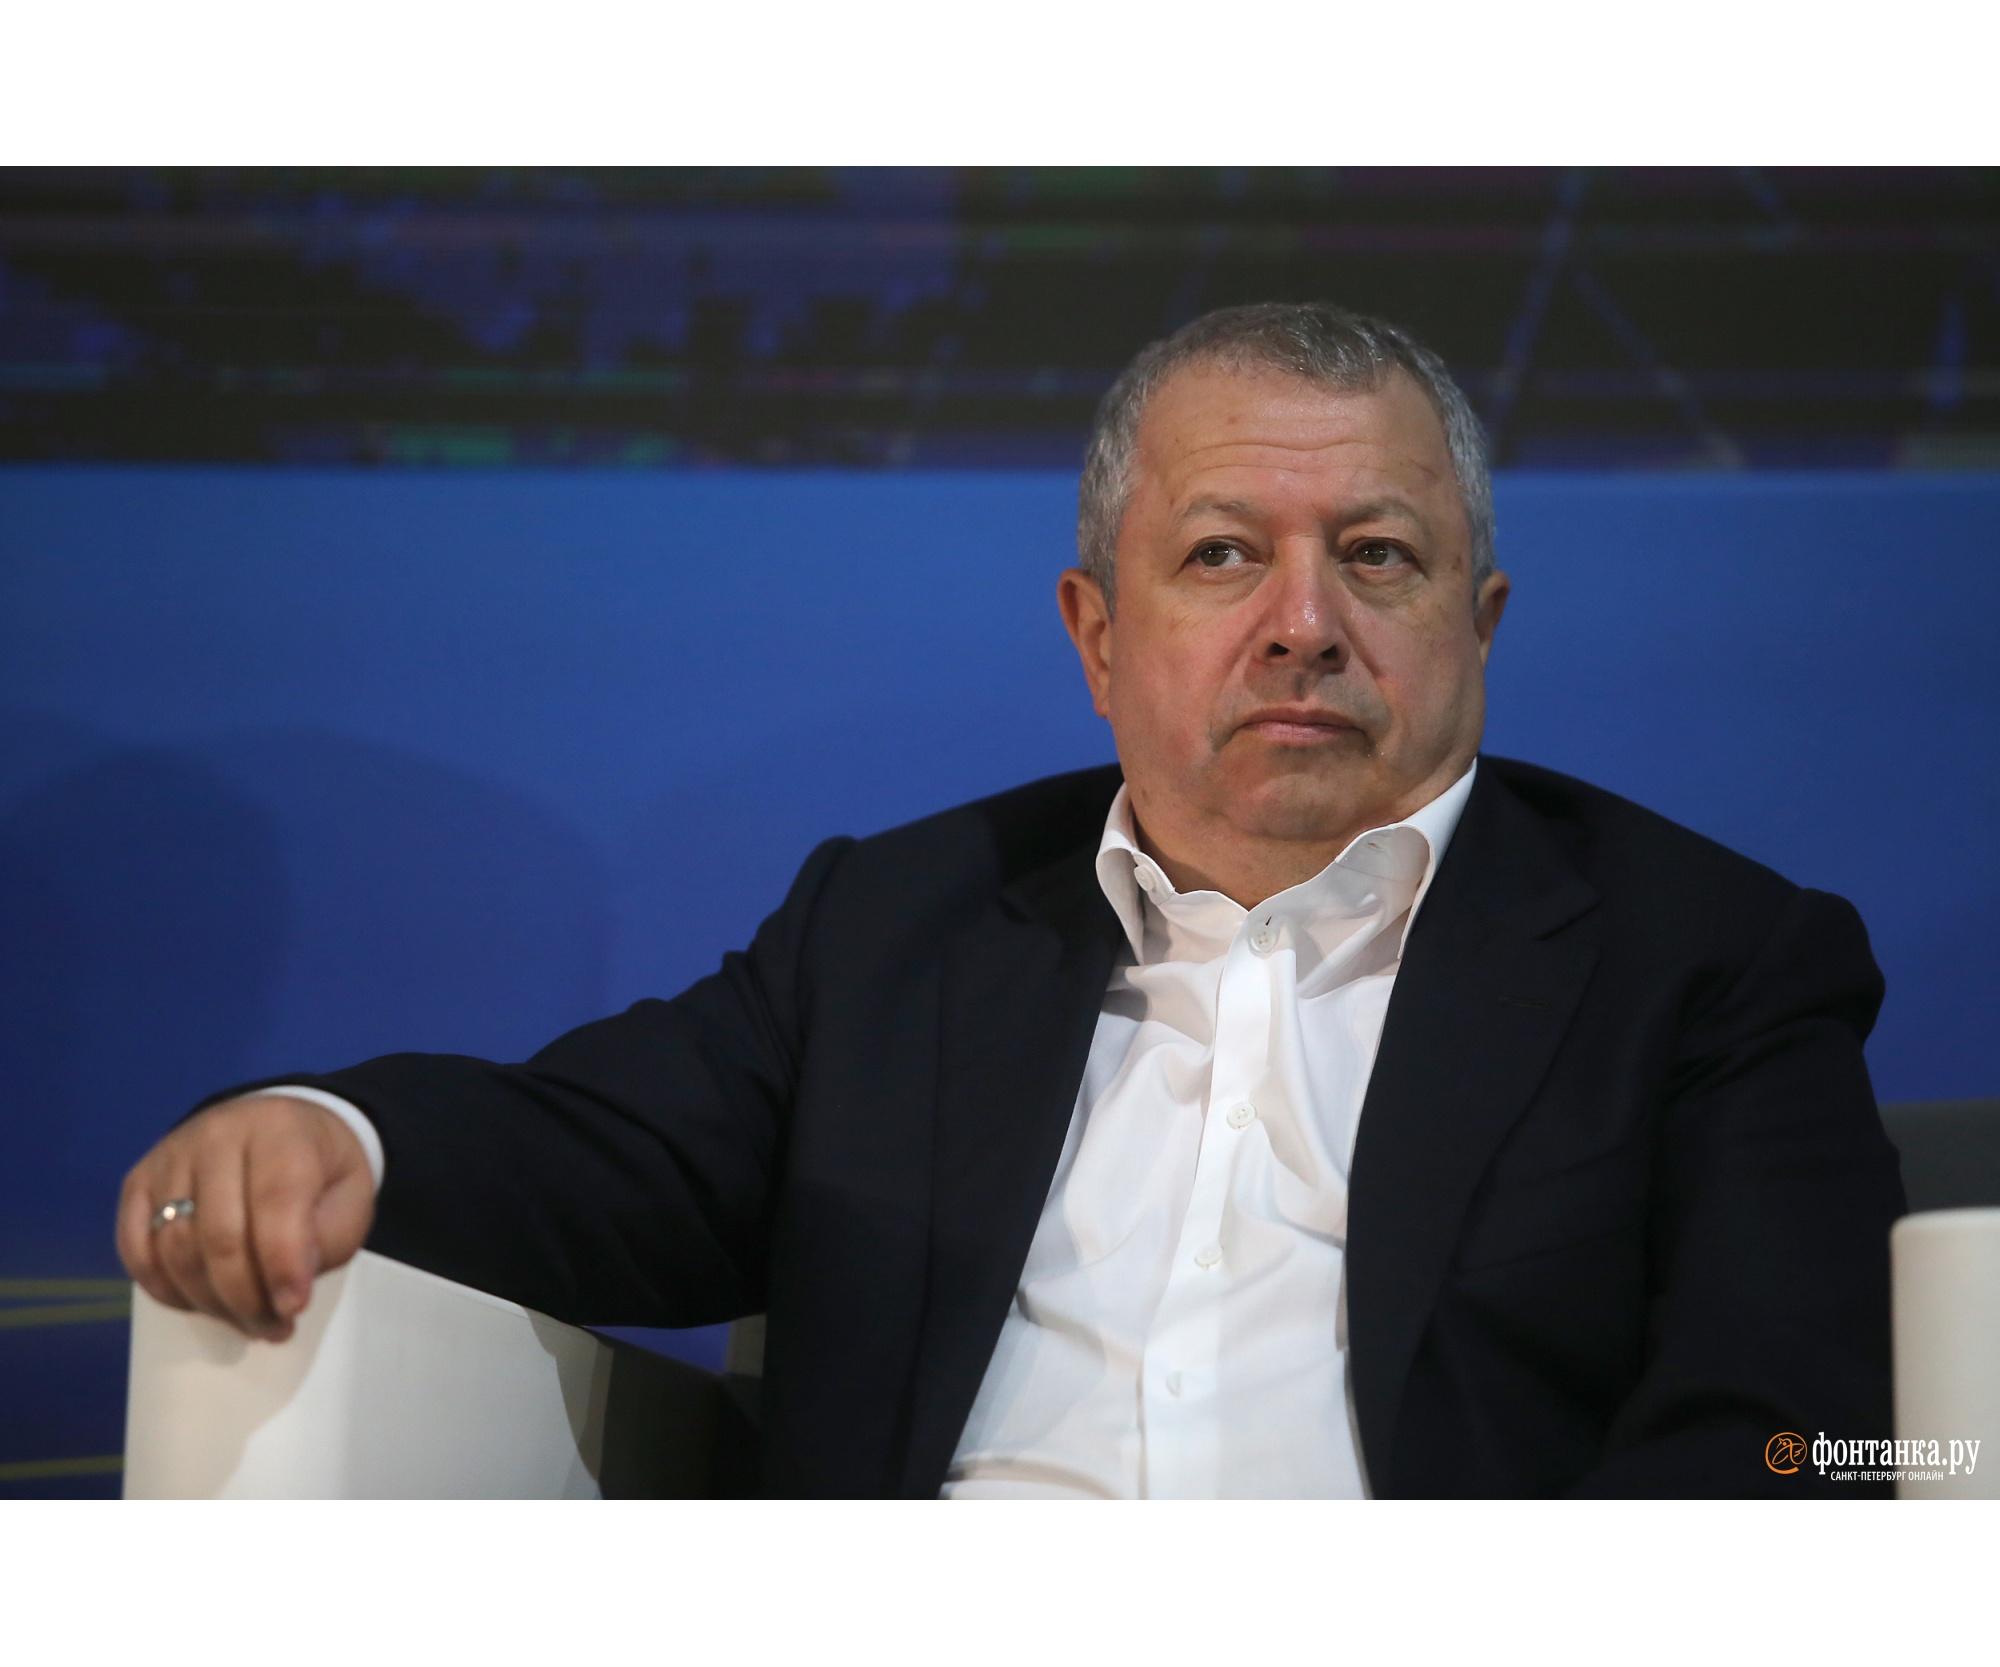 председатель совета директоров ООО «УК «Старт девелопмент», АО «Группа «Илим» Захар Смушкин<br>